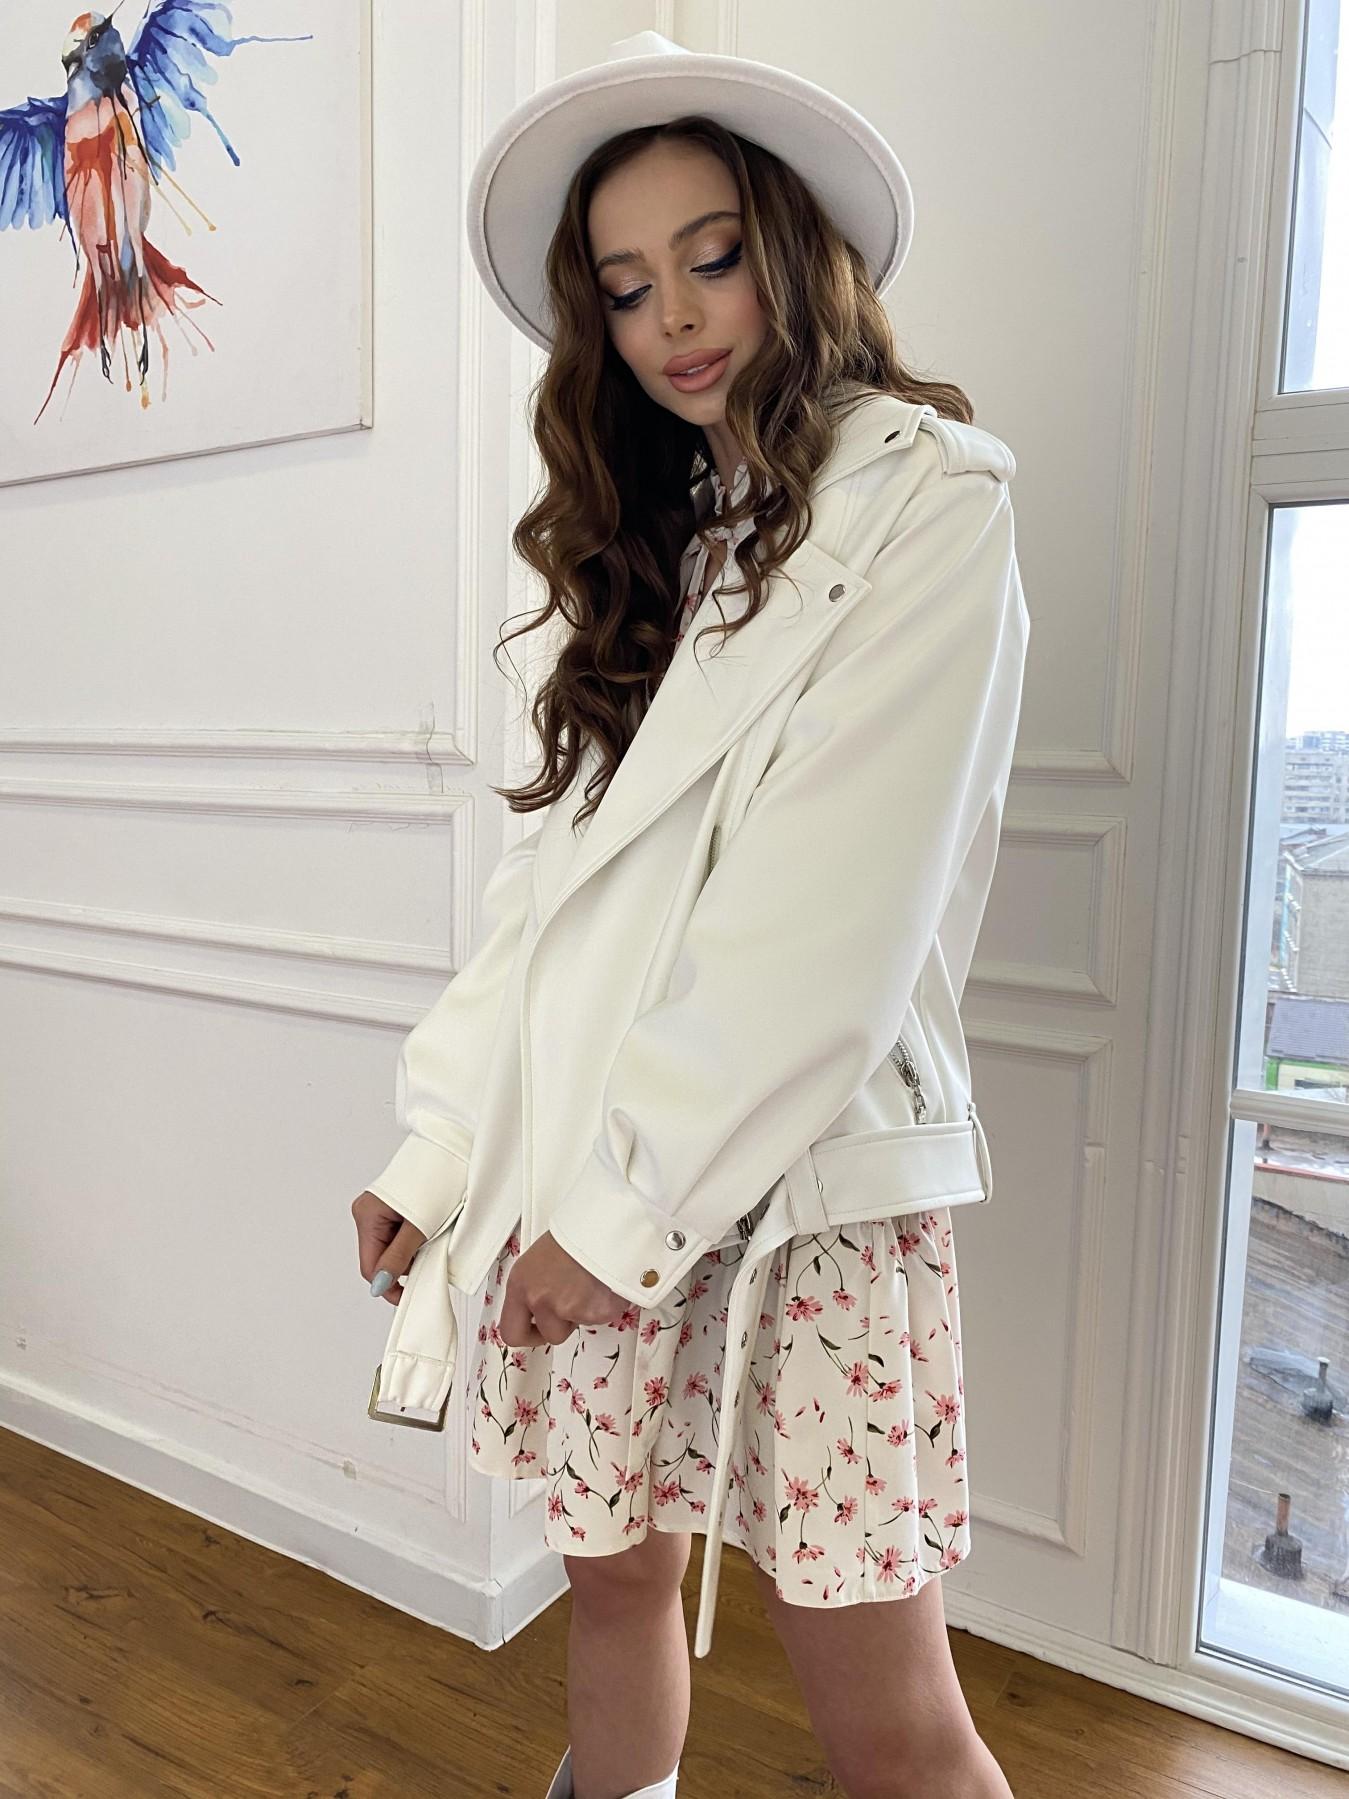 Фора куртка из экокожи прокатанная 11204 АРТ. 47716 Цвет: Молоко - фото 7, интернет магазин tm-modus.ru